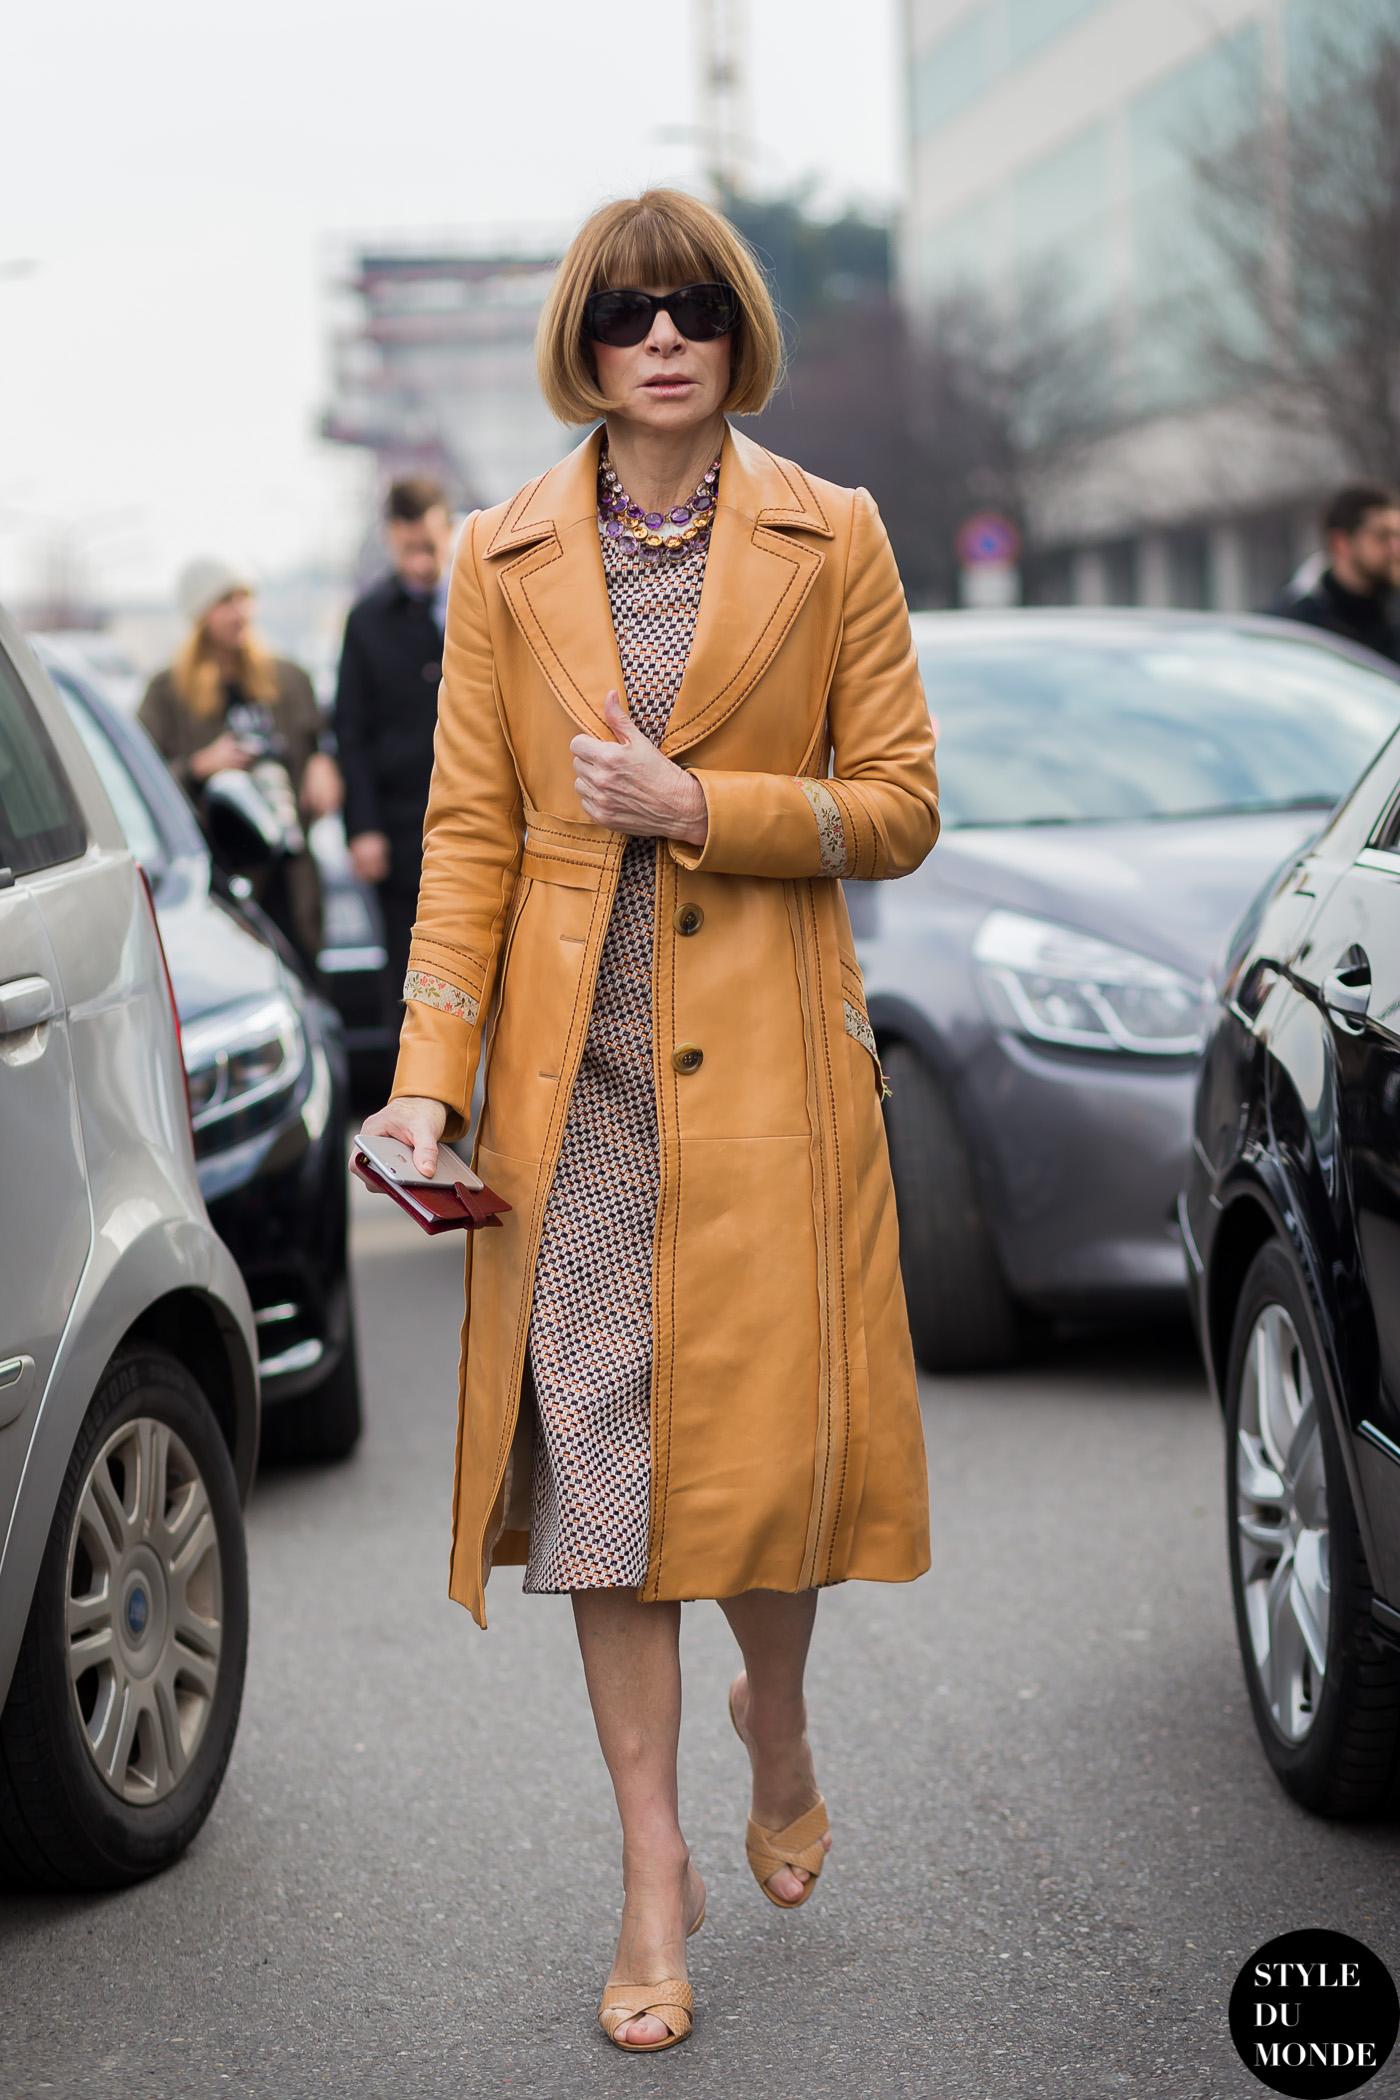 Milan Fashion Week Fw 2015 Street Style Anna Wintour Style Du Monde Street Style Street